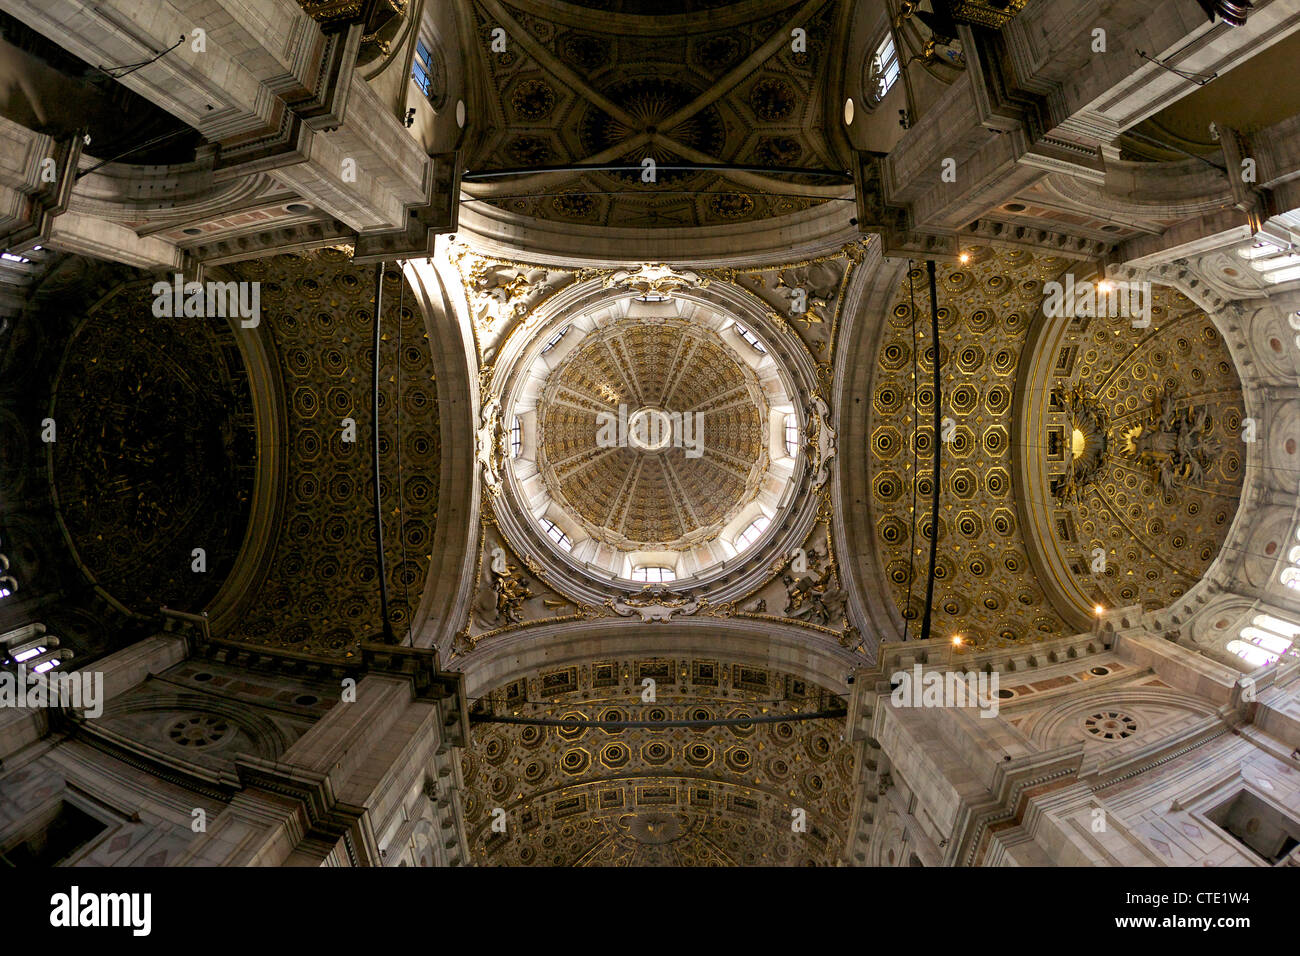 Interior of Como Duomo, city centre, Lake Como, Italy, Europe - Stock Image